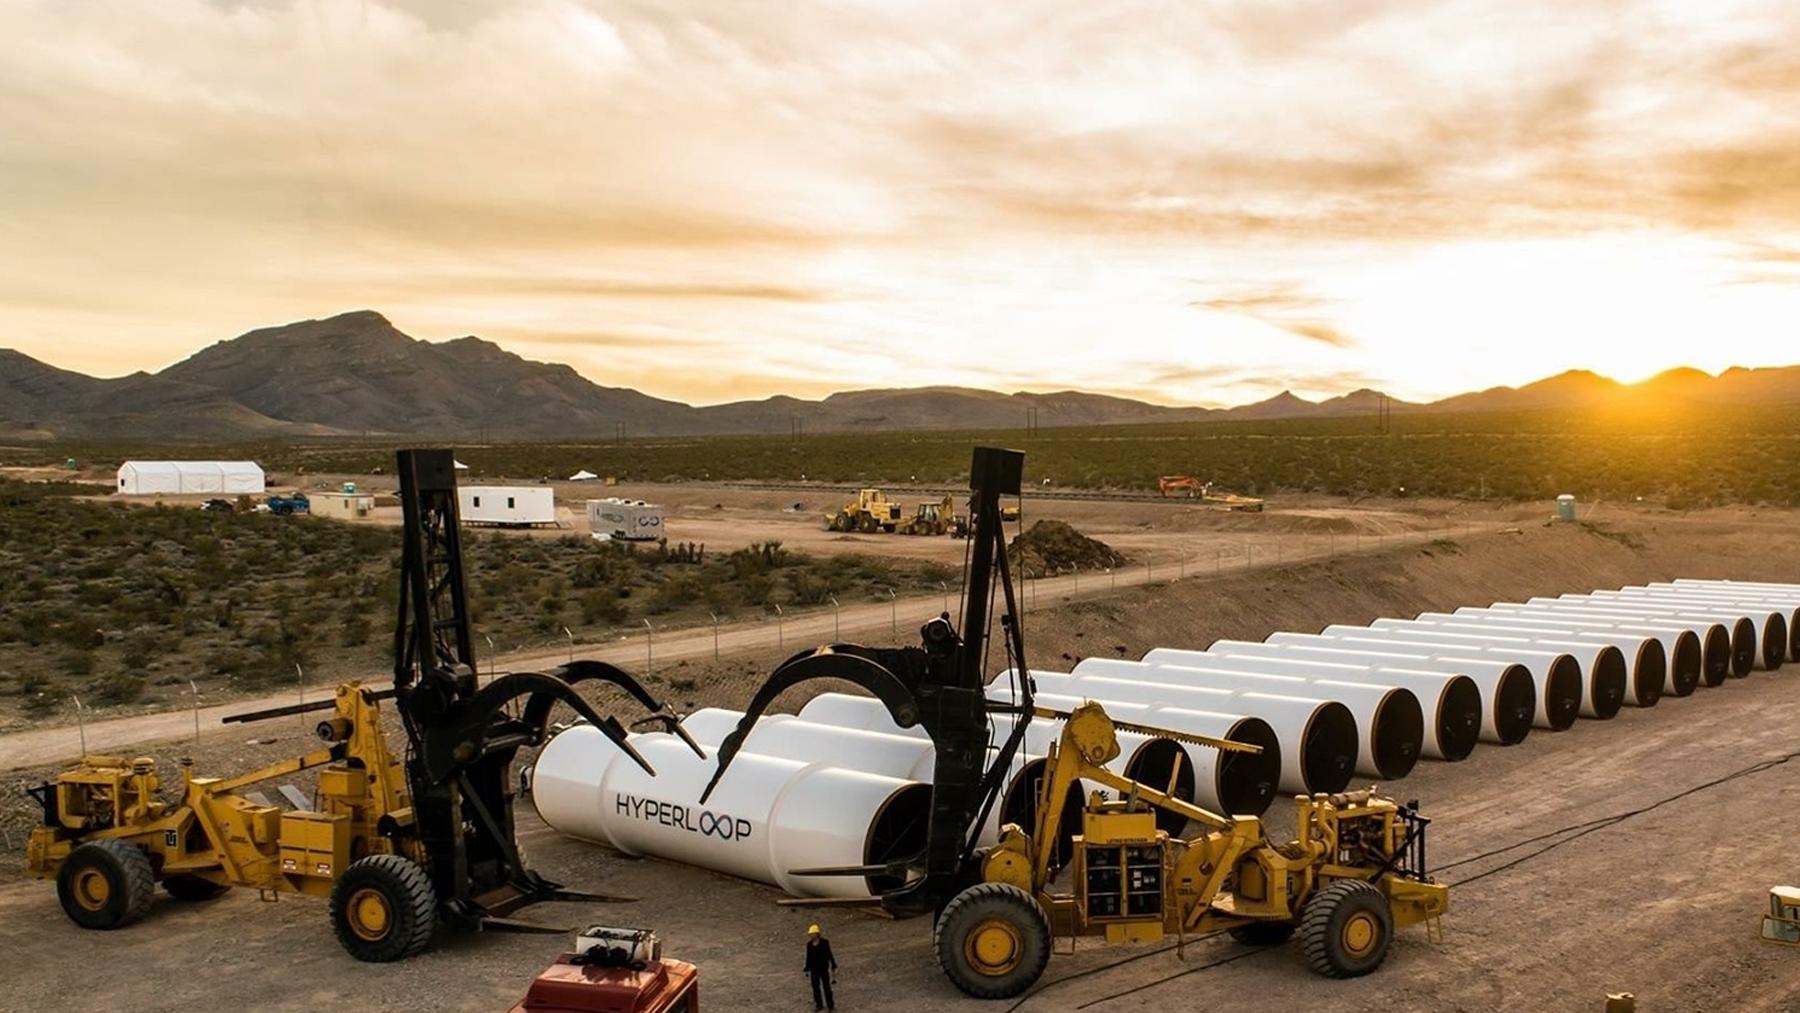 Петля времени: в США пройдут первые тесты проекта сверхзвукового поезда Hyperloop